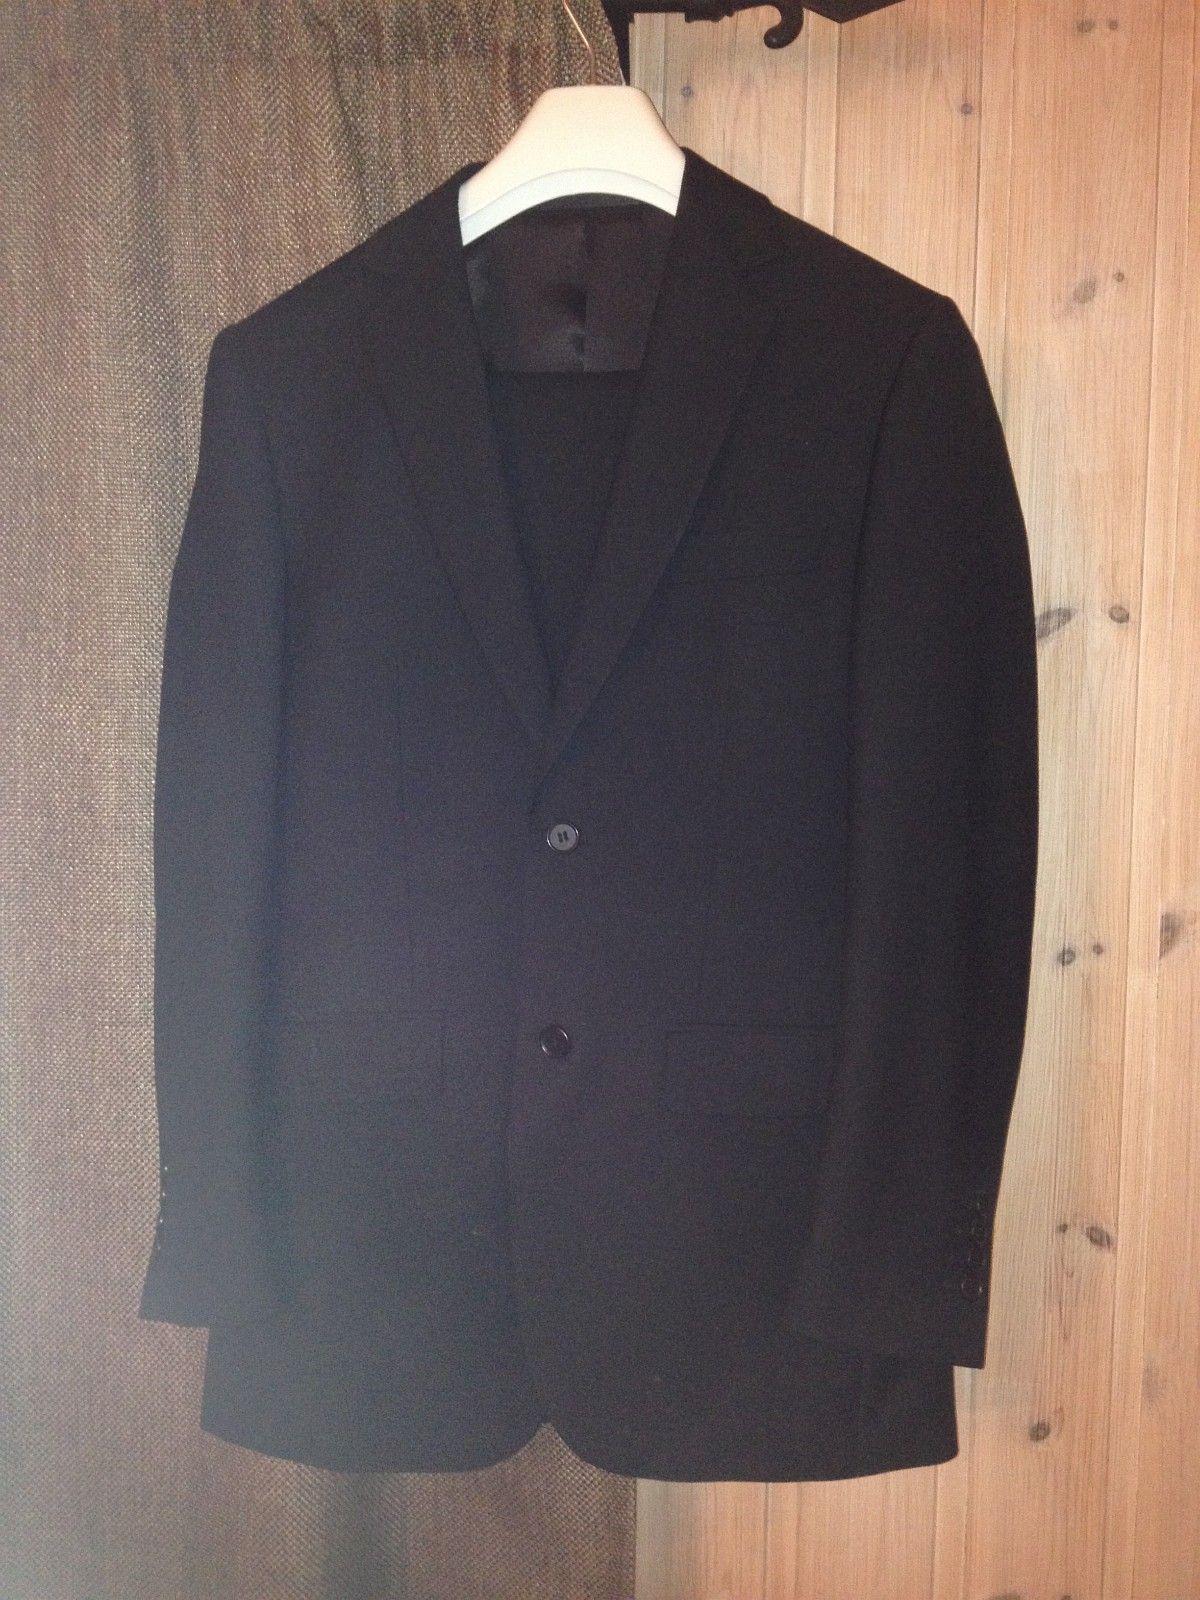 Dress Ungdom - Bodø  - Dress - passer ungdom ca 15 år farge sort brukt 2 ganger, str 42, bukse str 27/ lengde 30, selges kr. 700,- kjøper bet. porto - Bodø